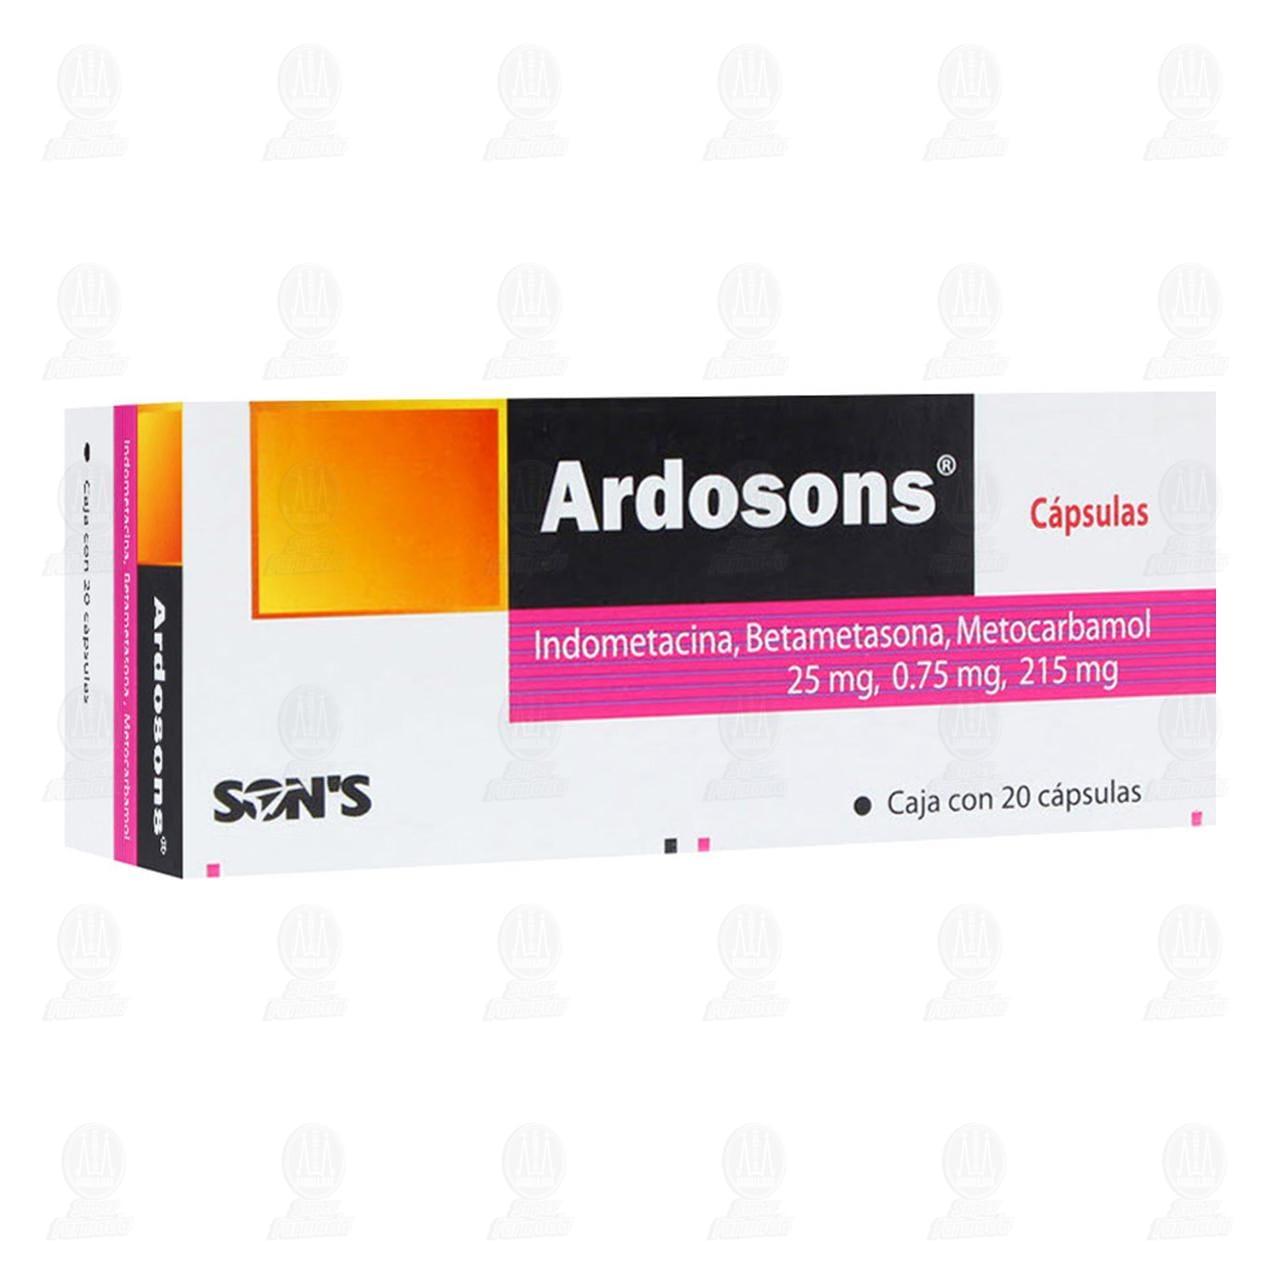 Ardosons 25/0.75/215mg 20 Cápsulas